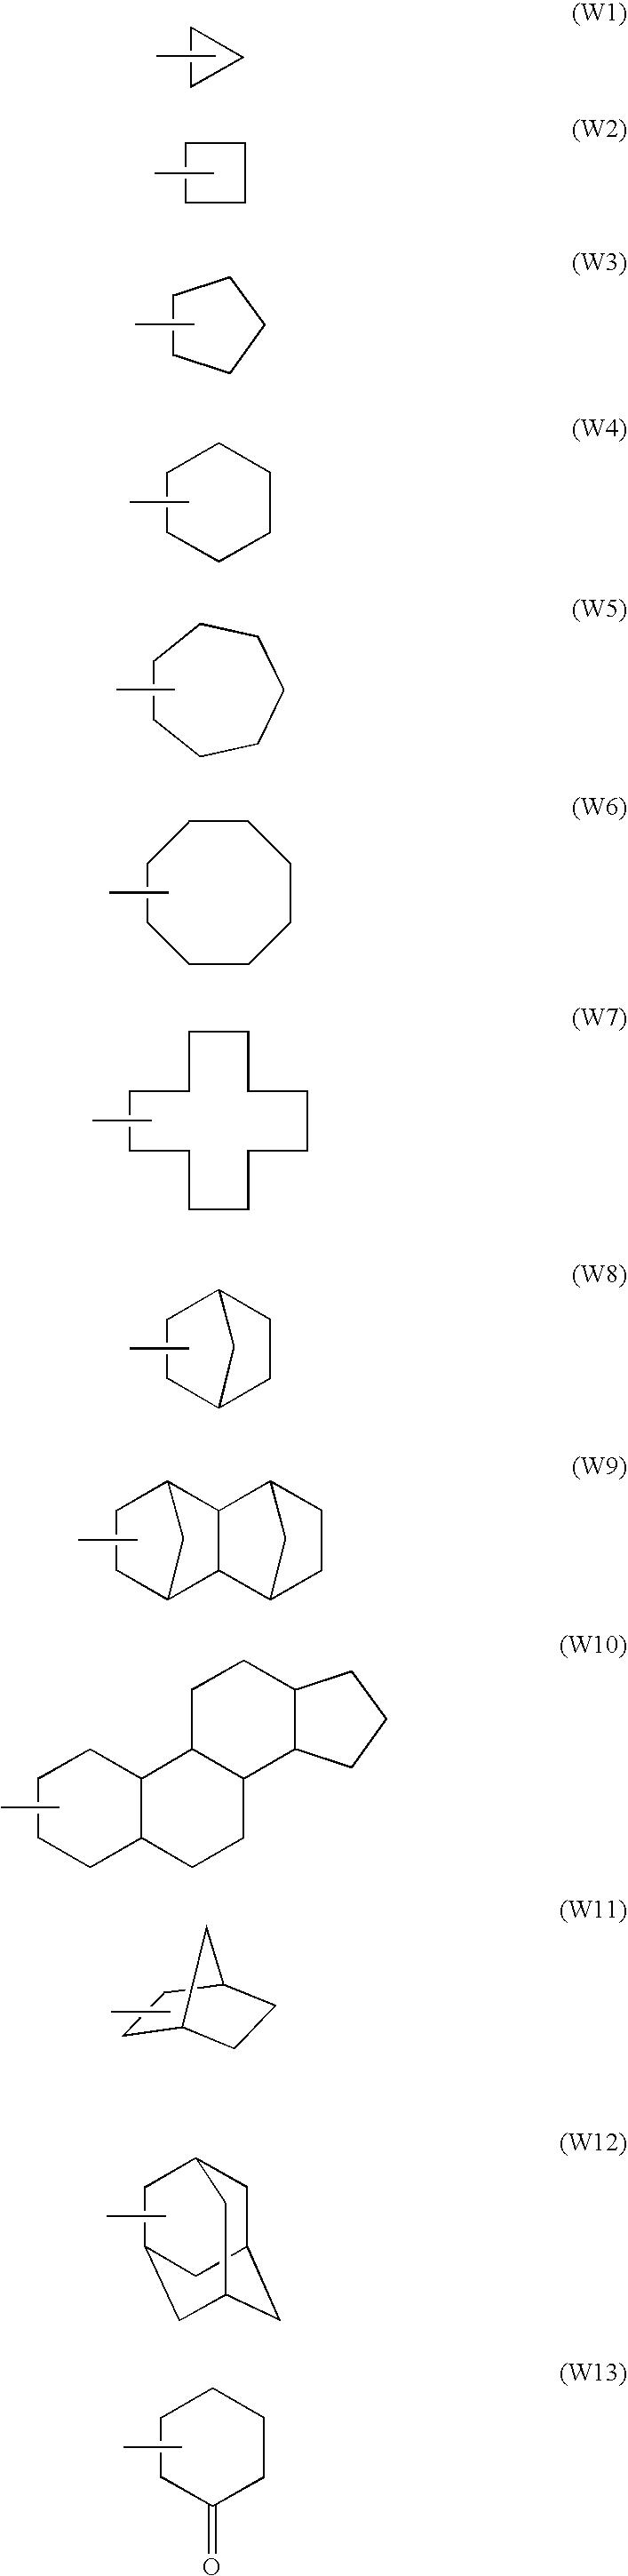 Figure US20100323296A1-20101223-C00069